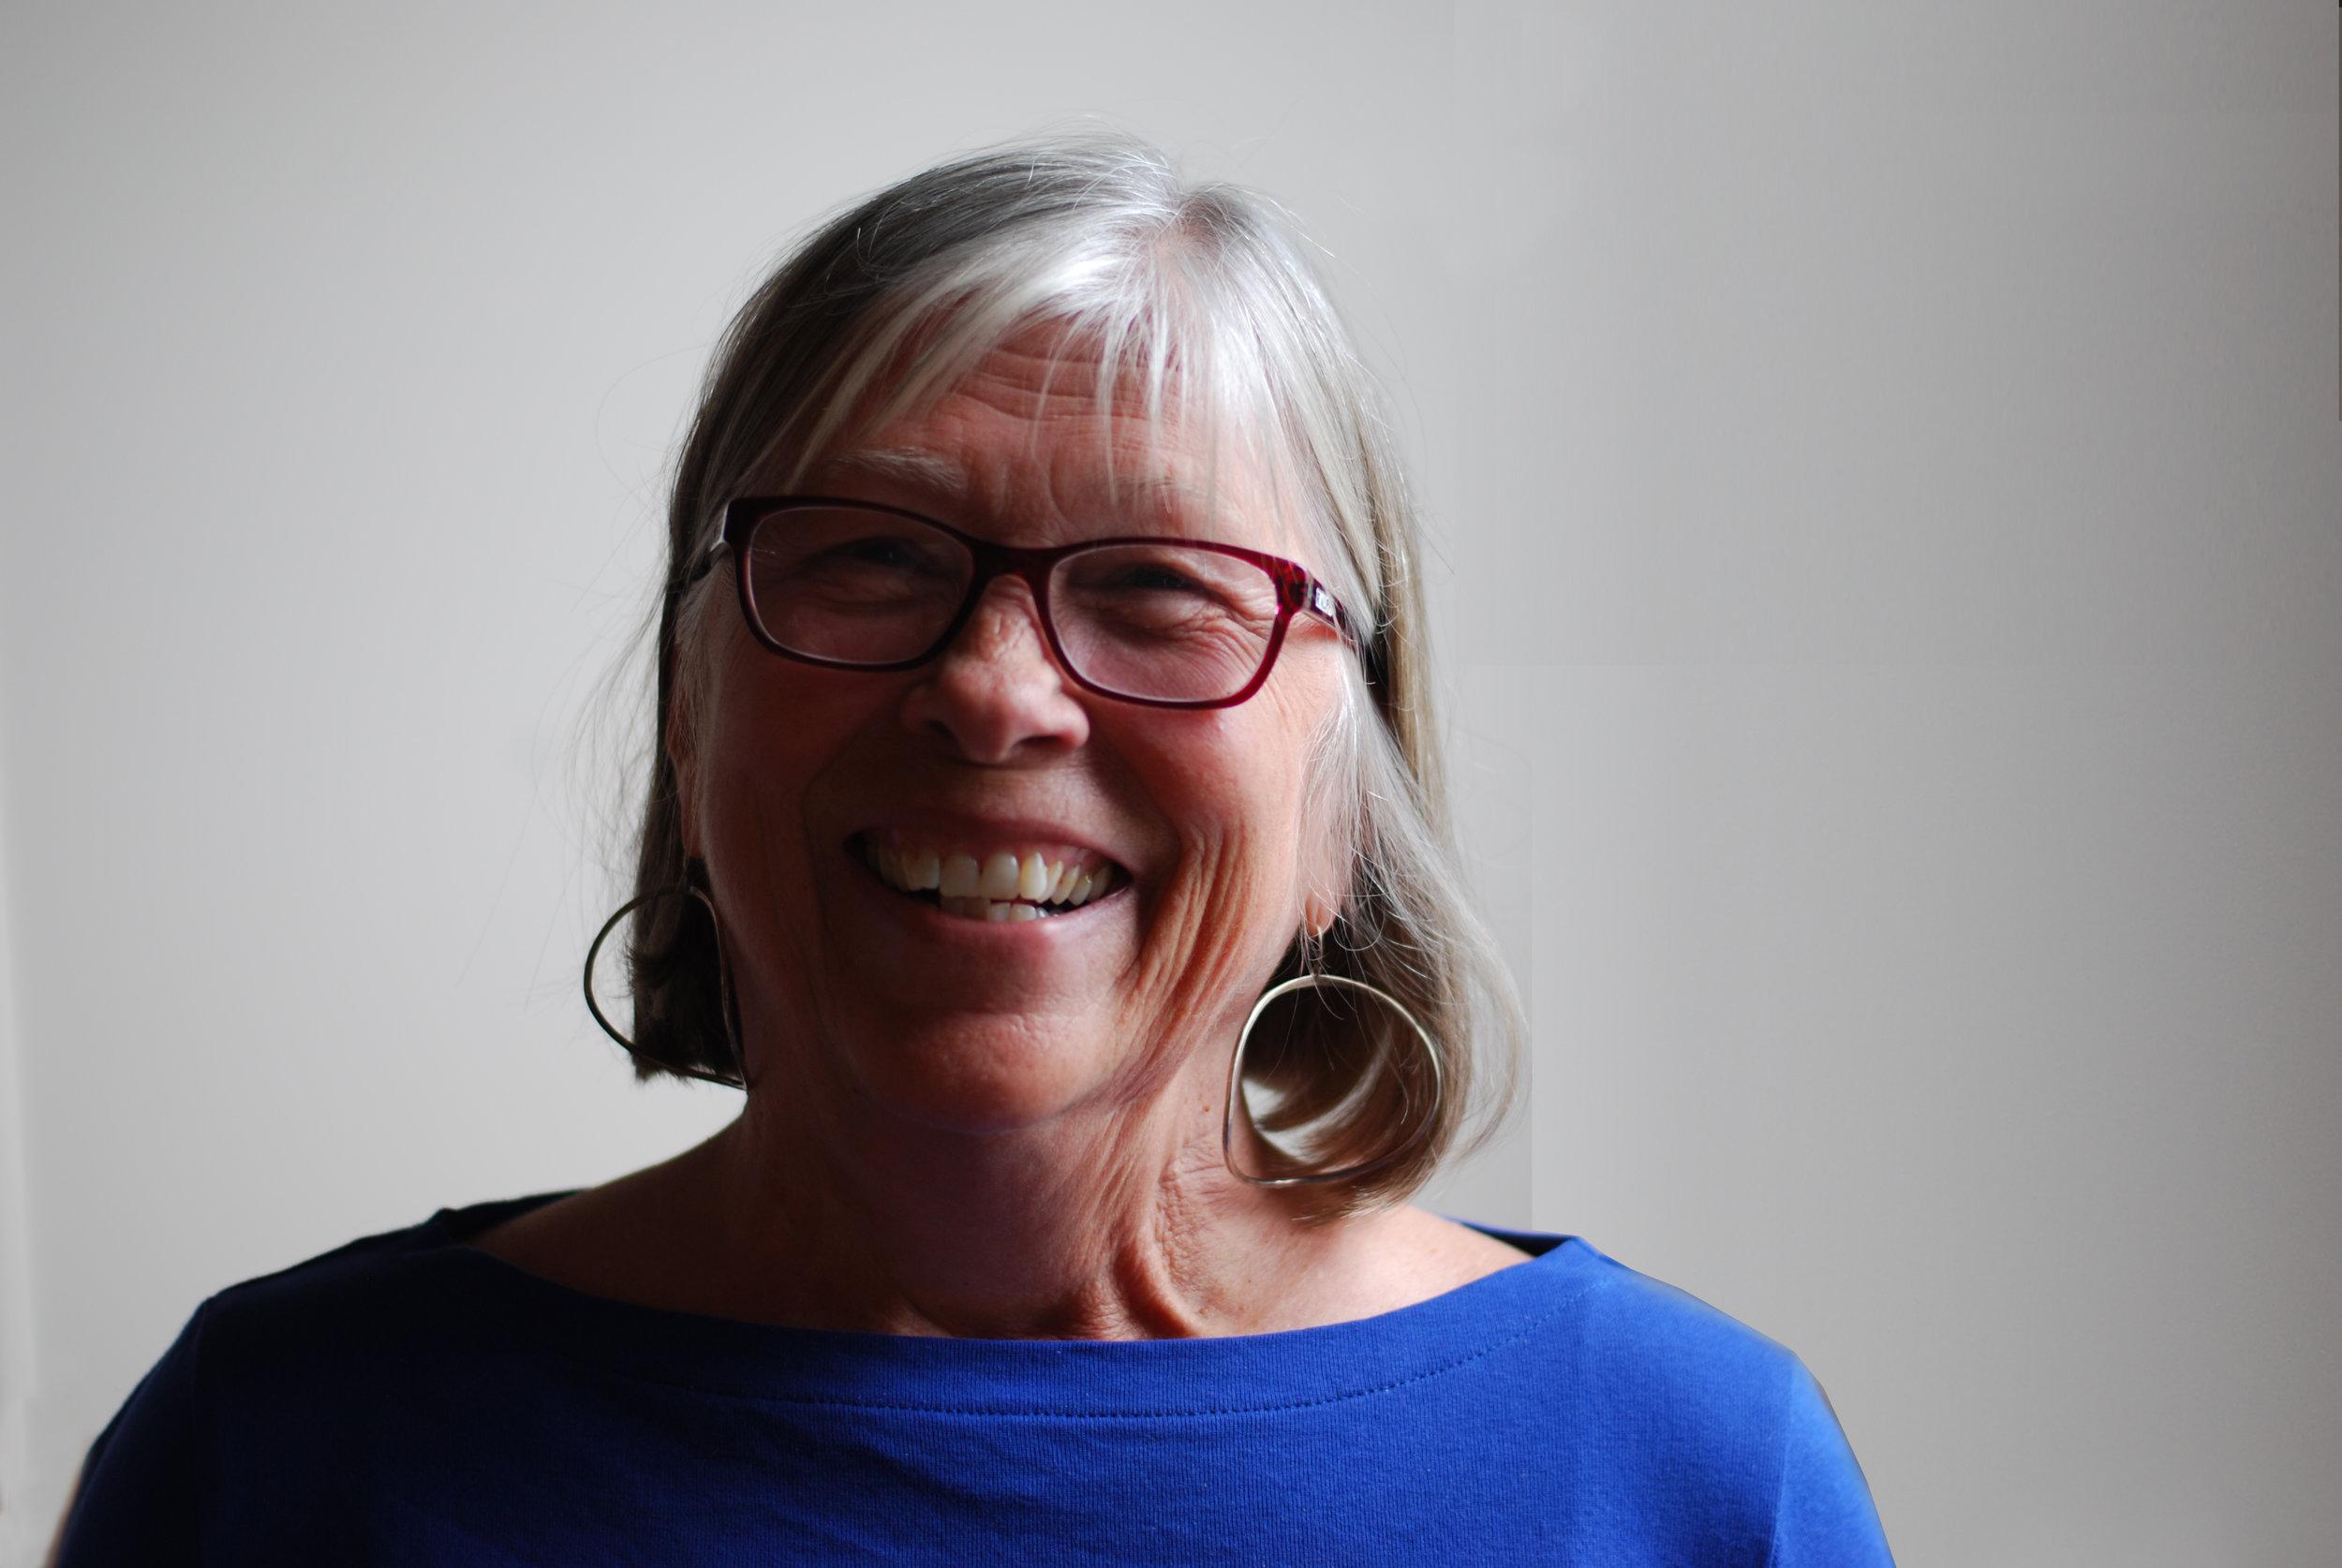 Linda Vander Els